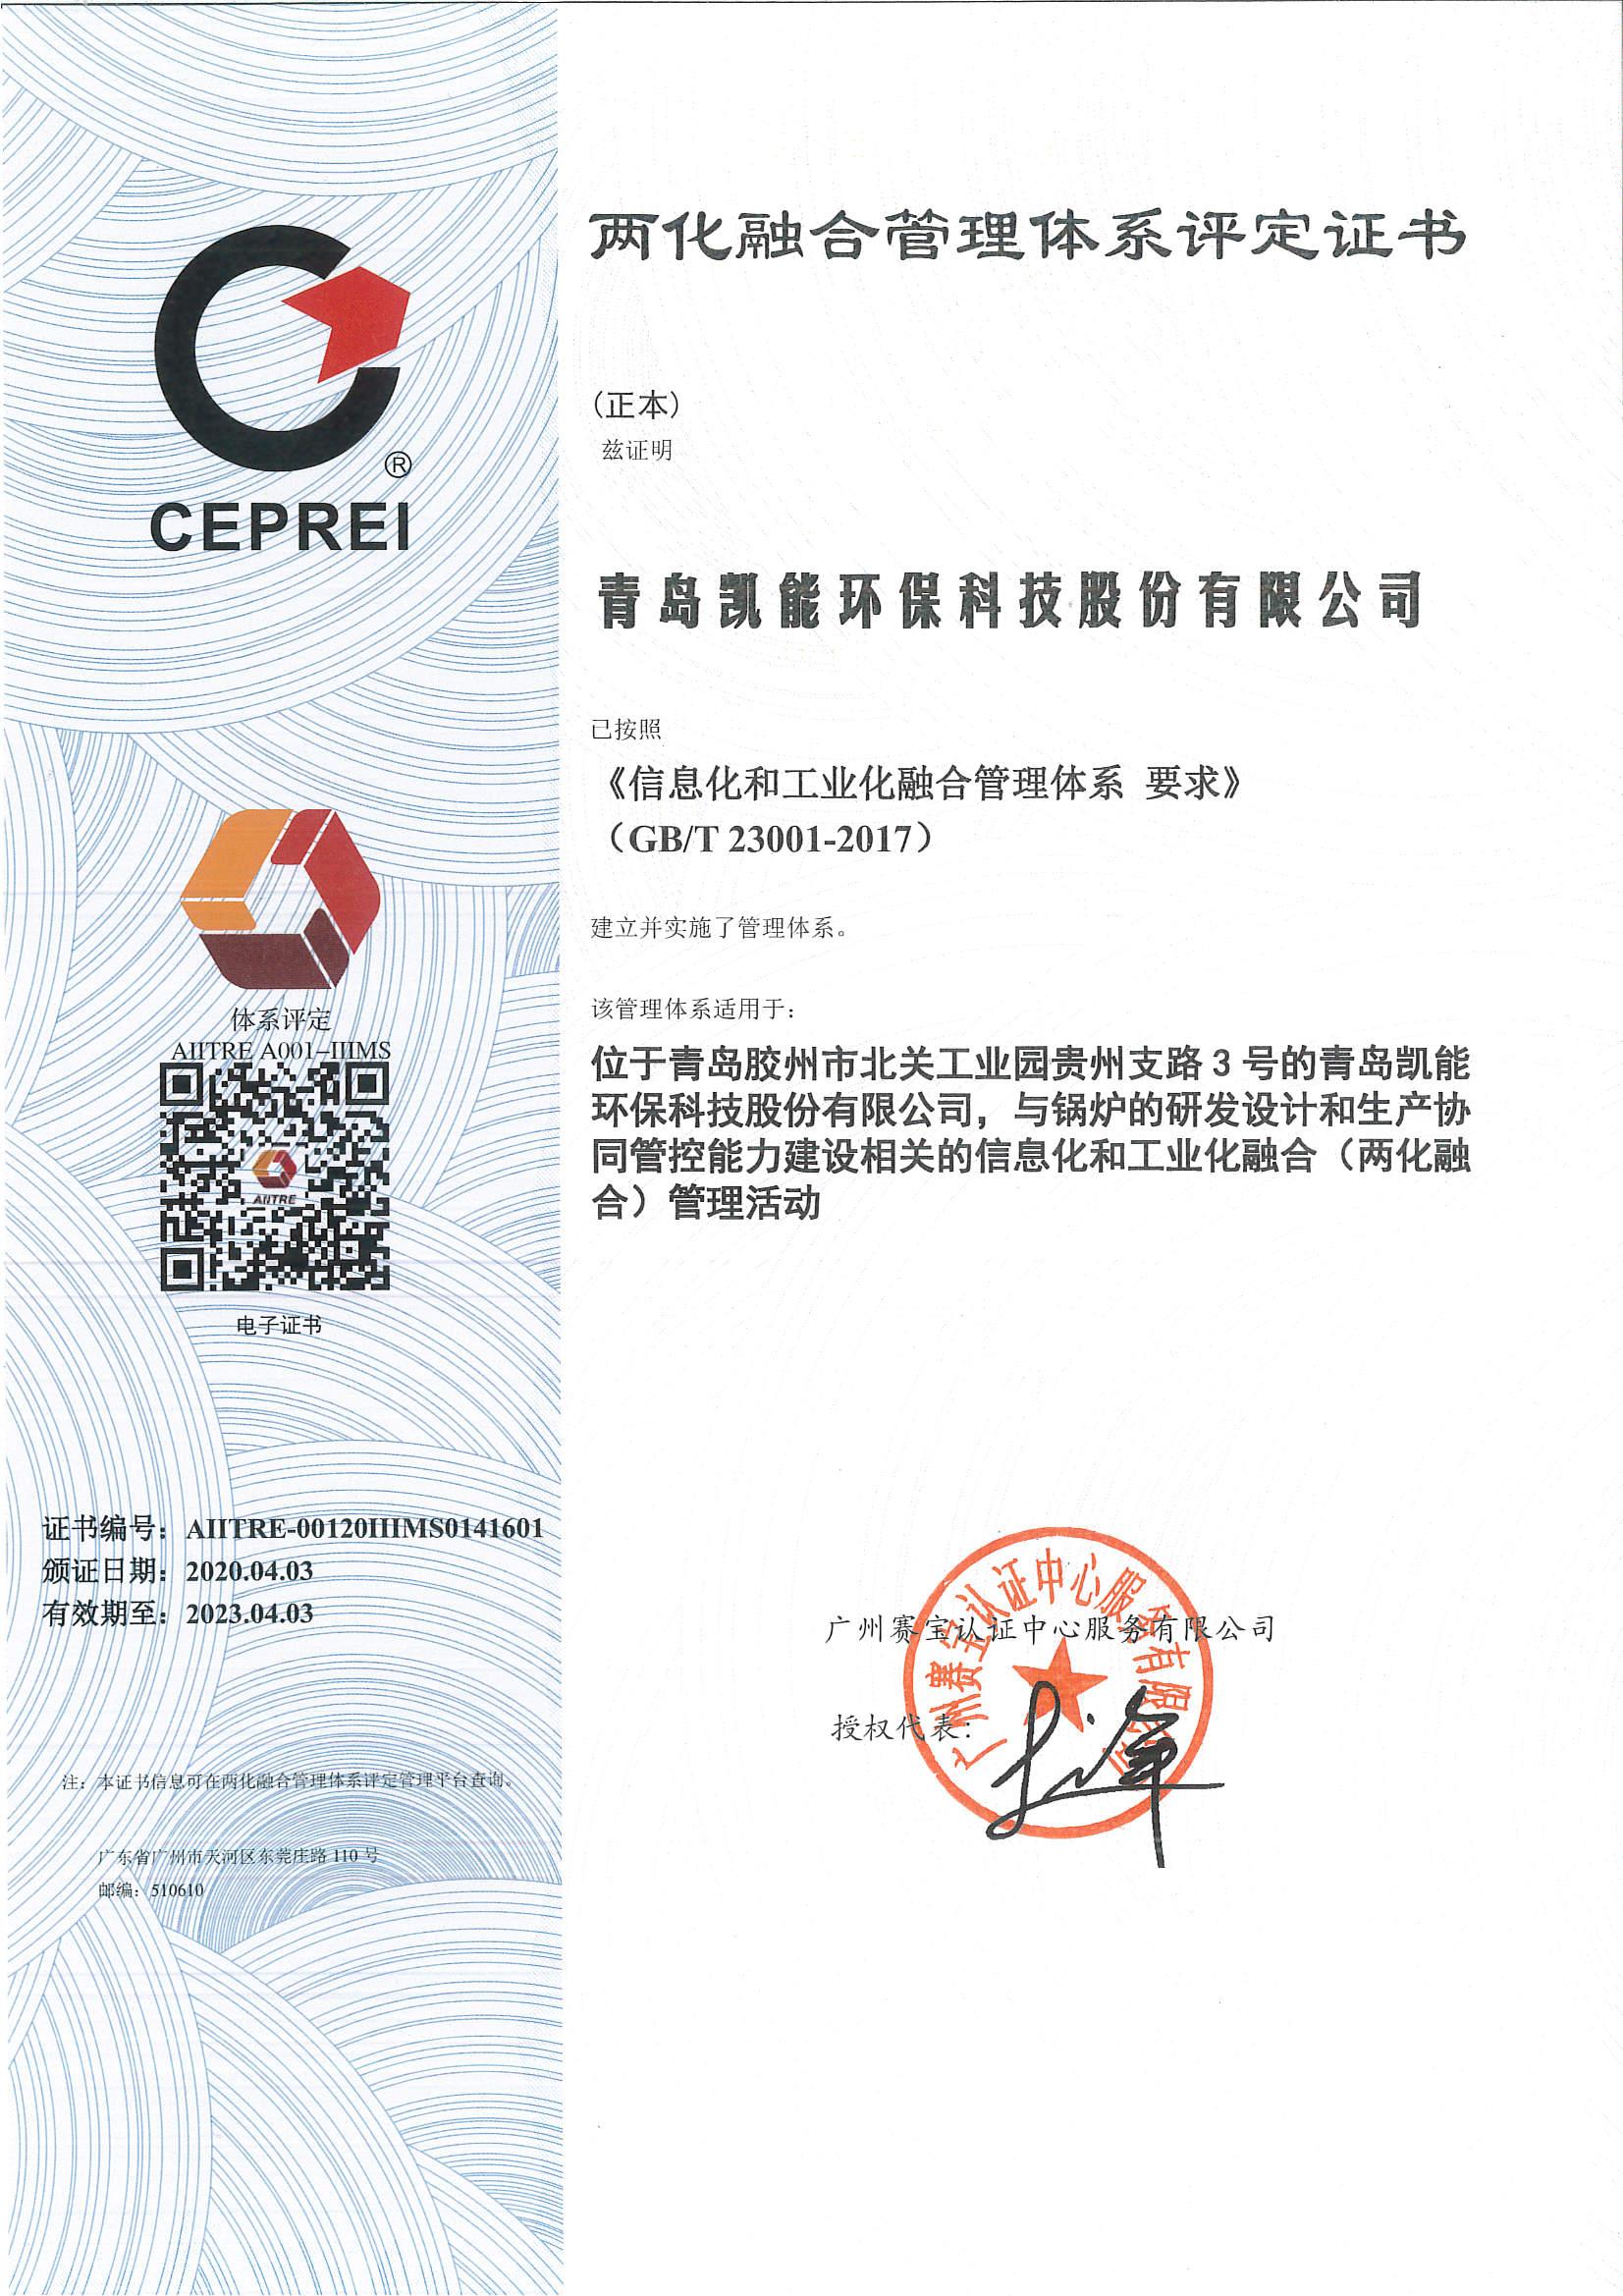 凯能科技两化融合管理体系评定证书